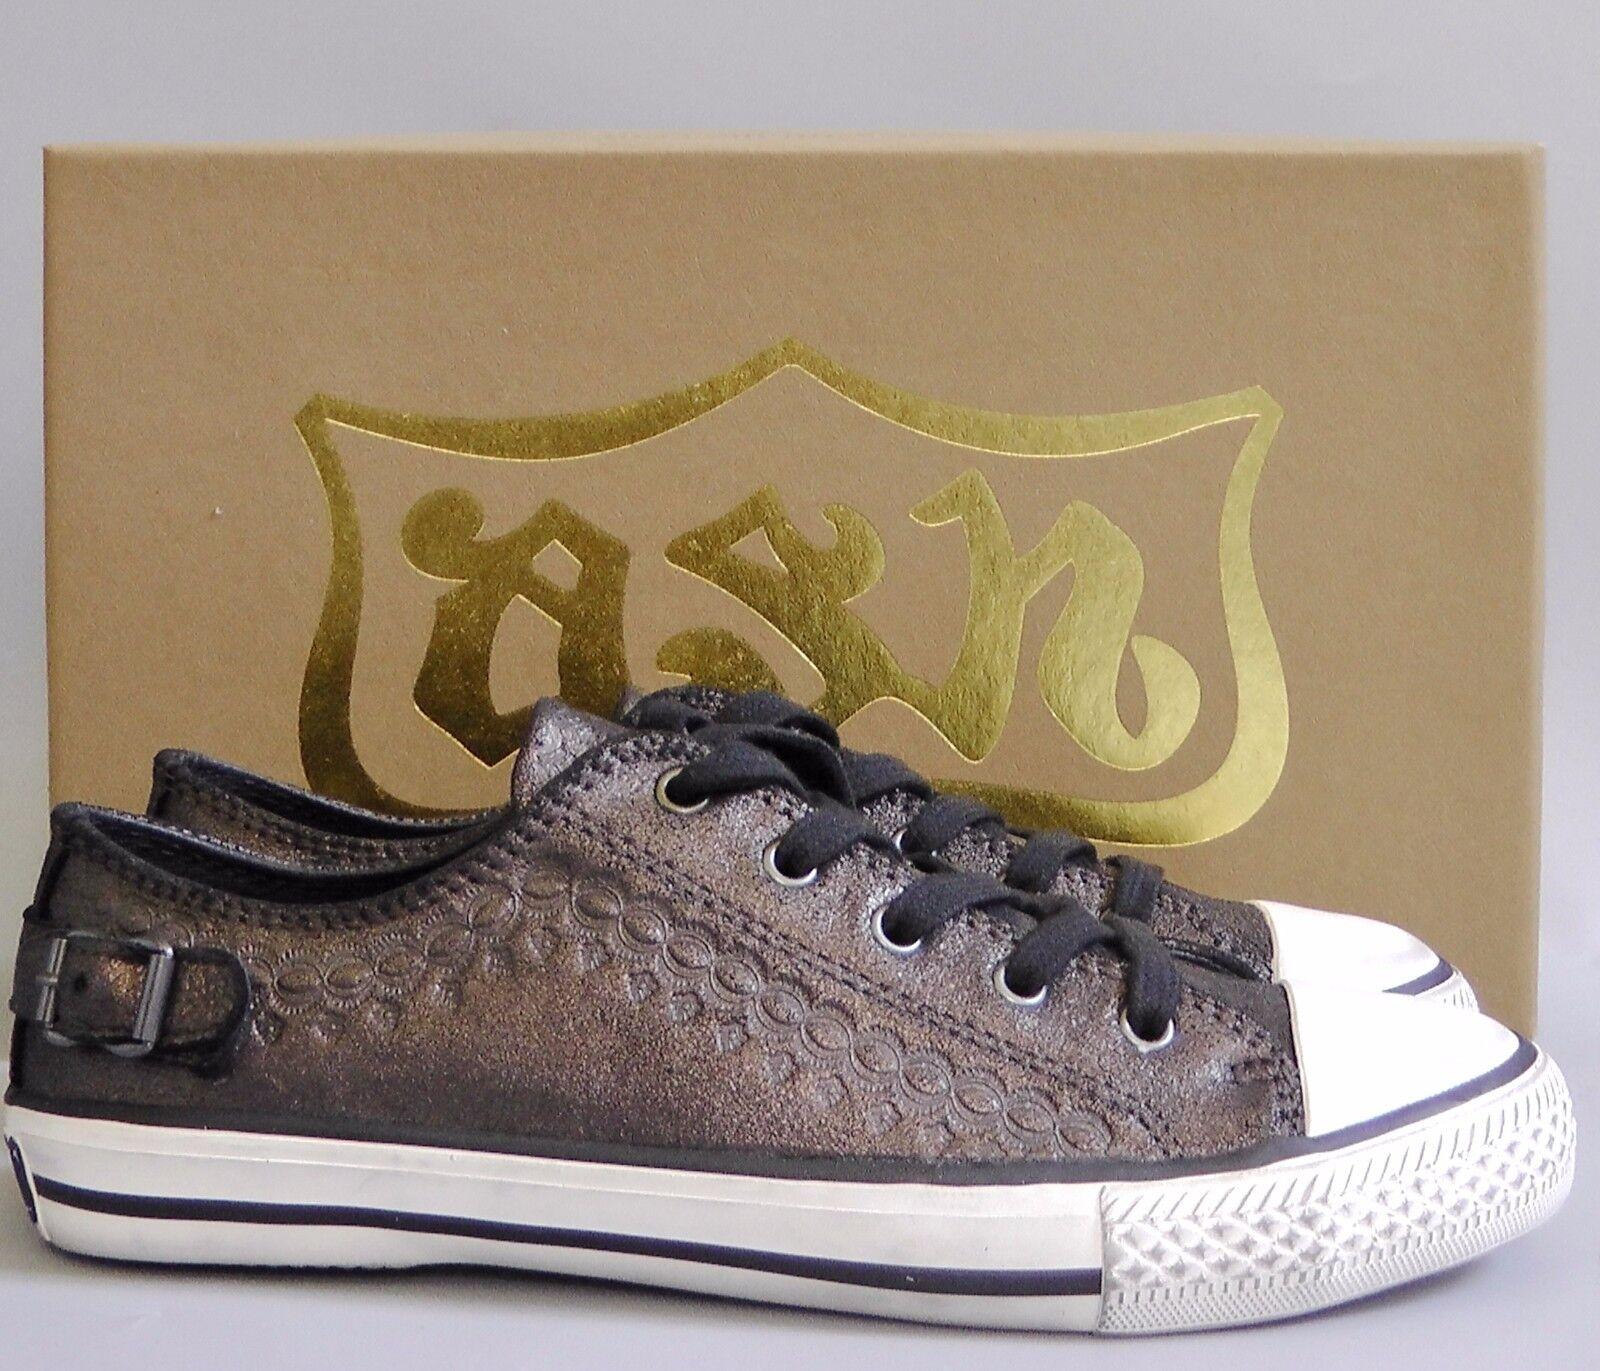 New with Box Ash Leather scarpe da ginnastica scarpe~ Midnight Marronee EUR38